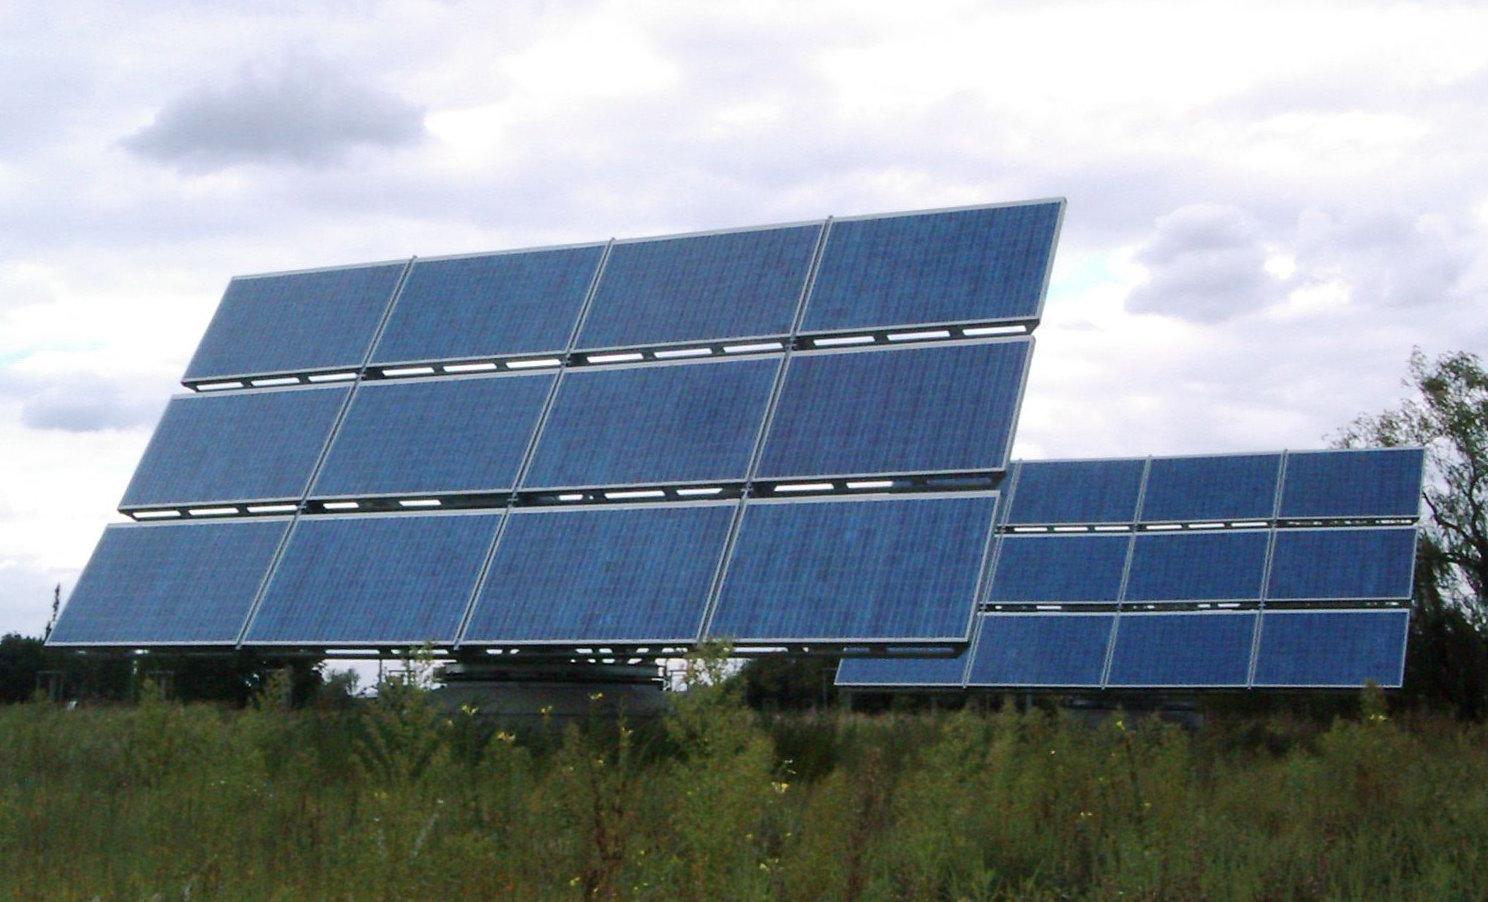 Pannelli solari fotovoltaici monocristallino o policristallino 37